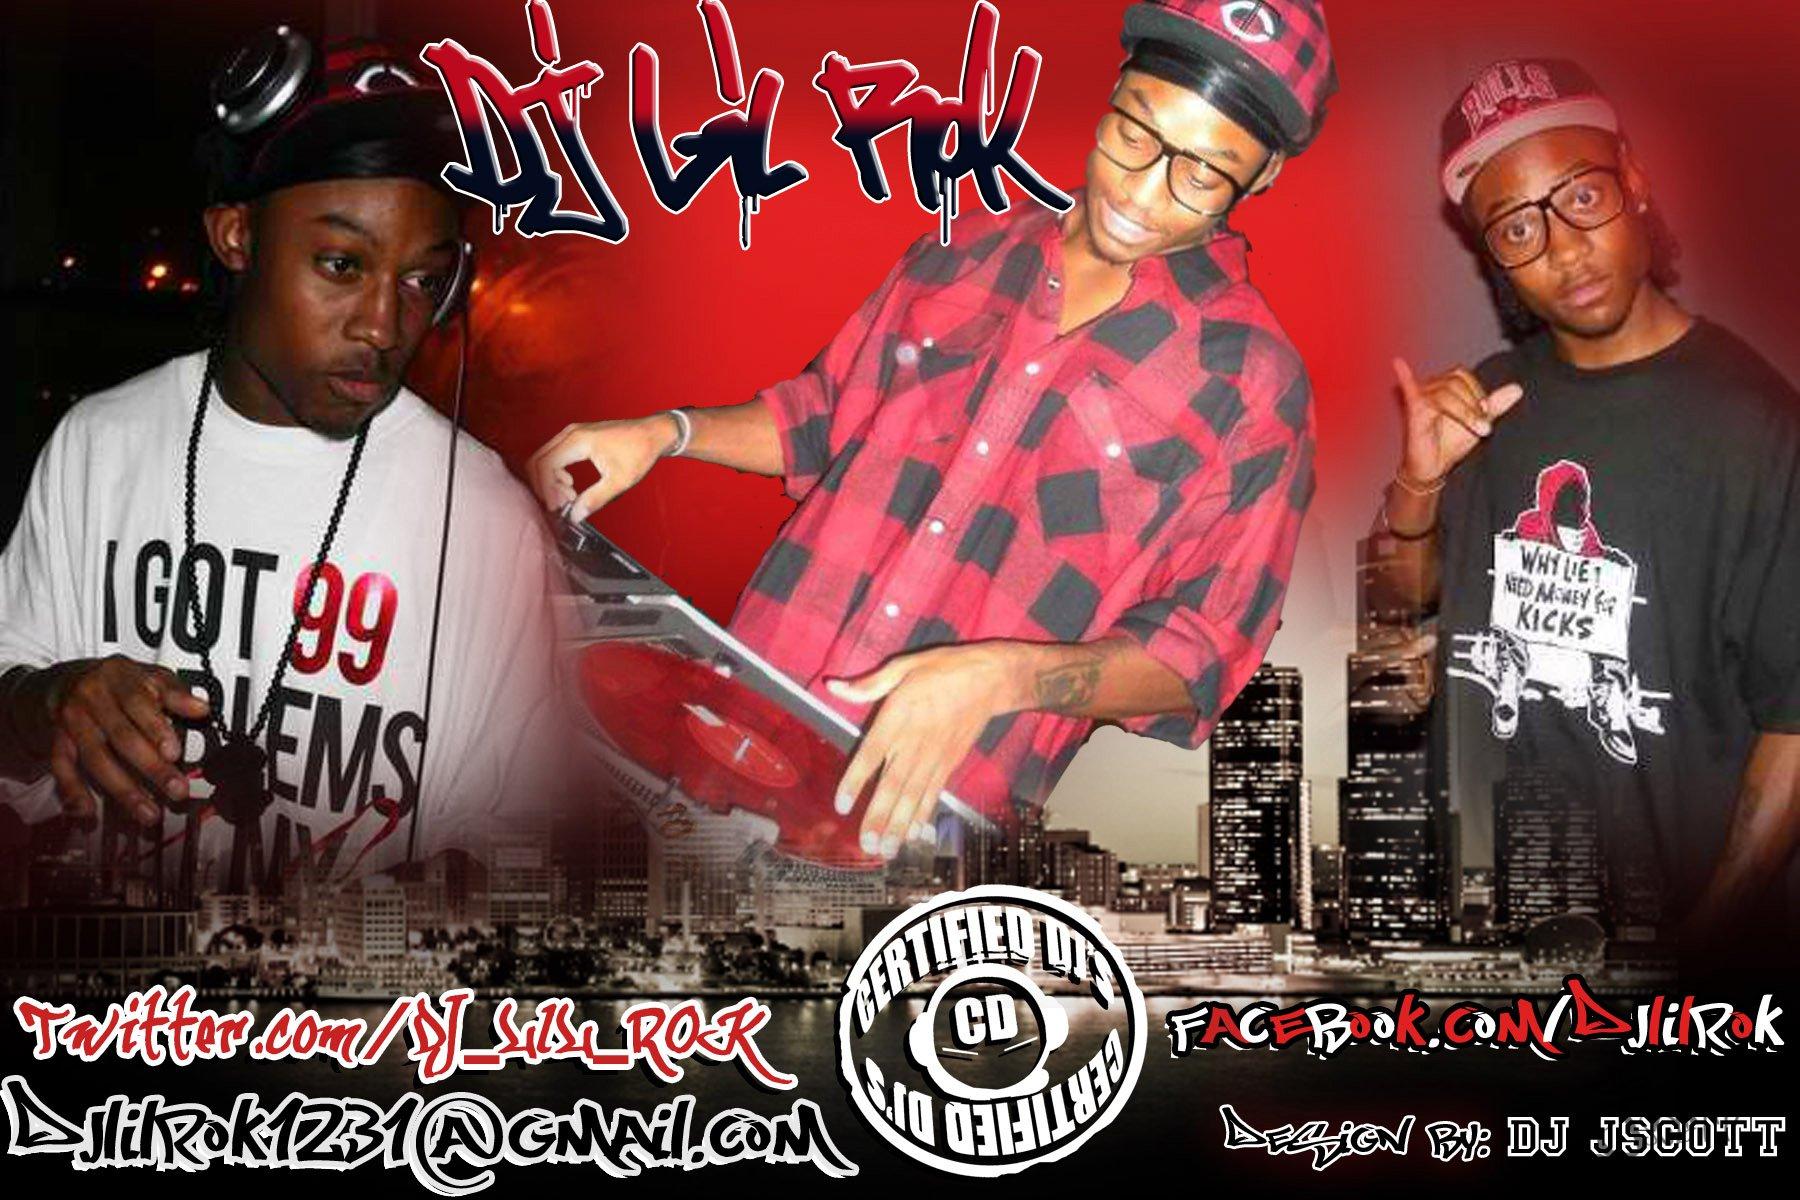 DJ Lil' Rok